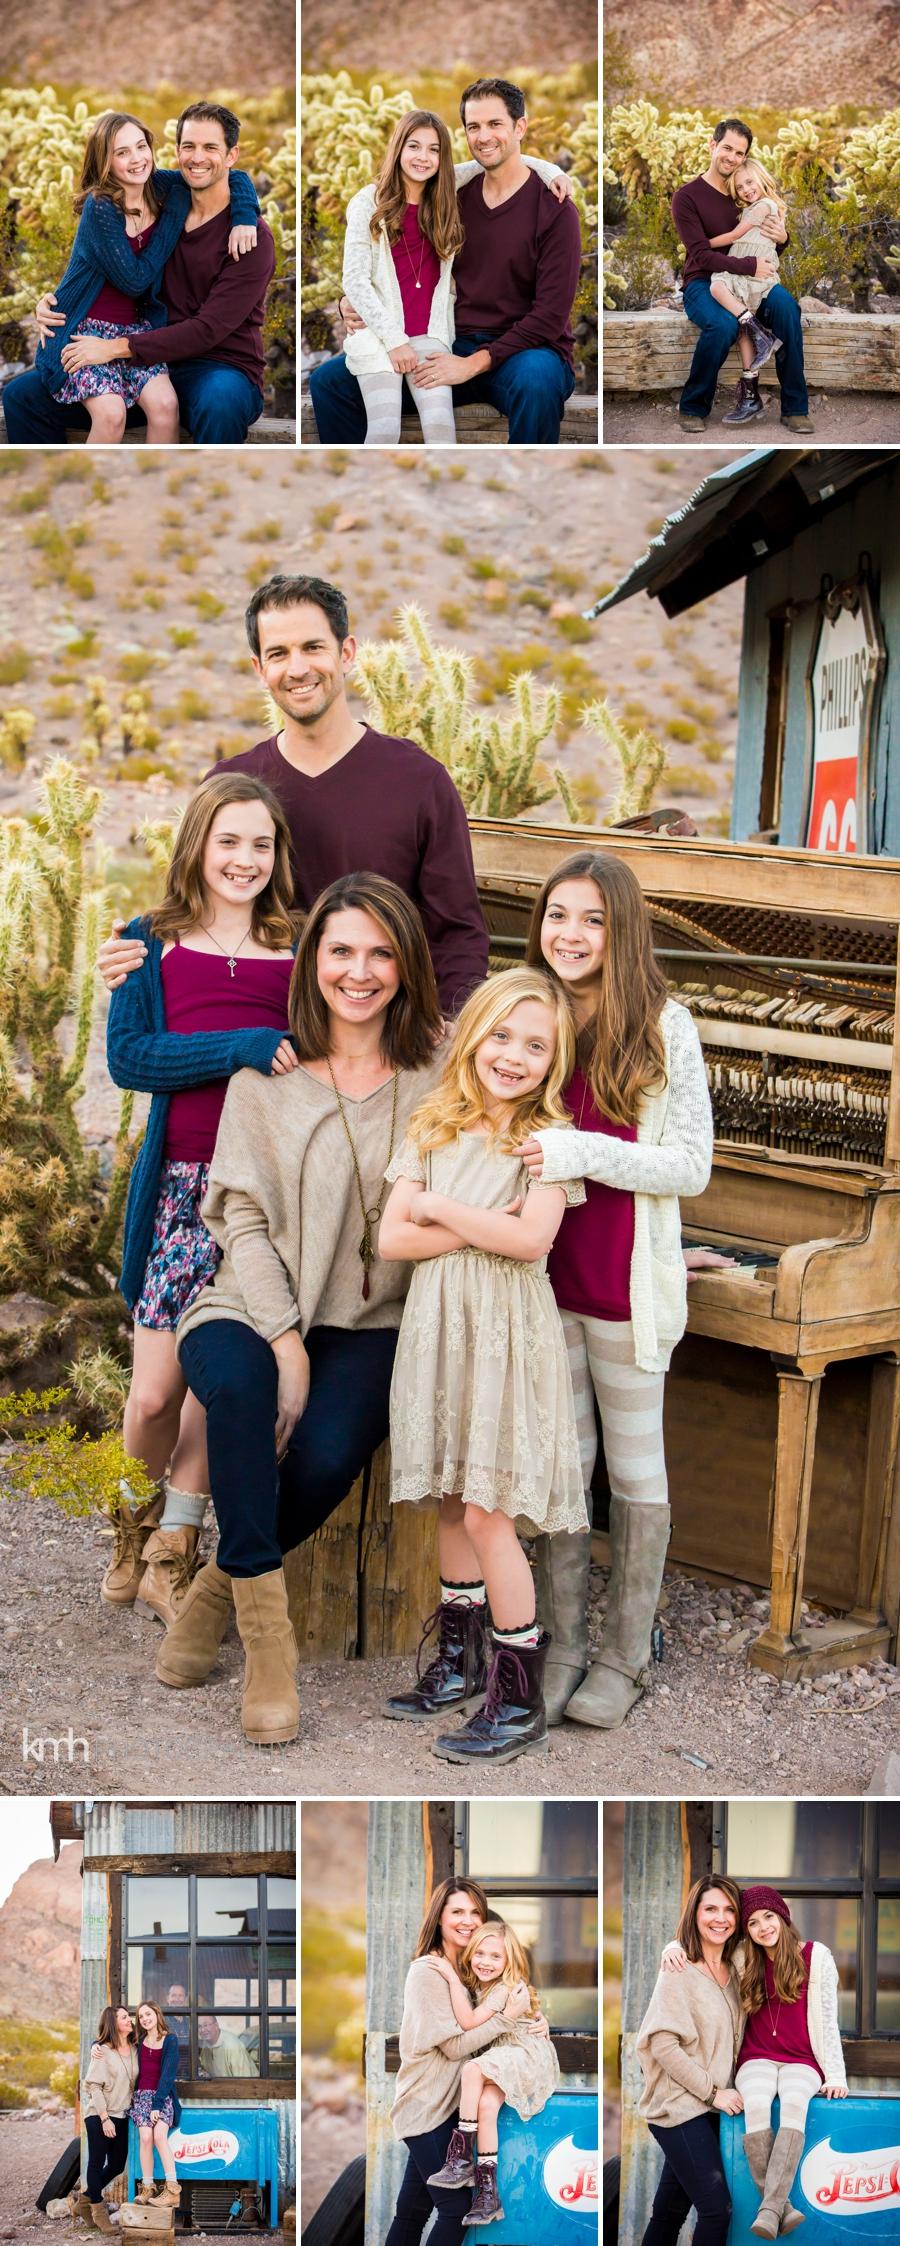 kmh_family_nelson_09